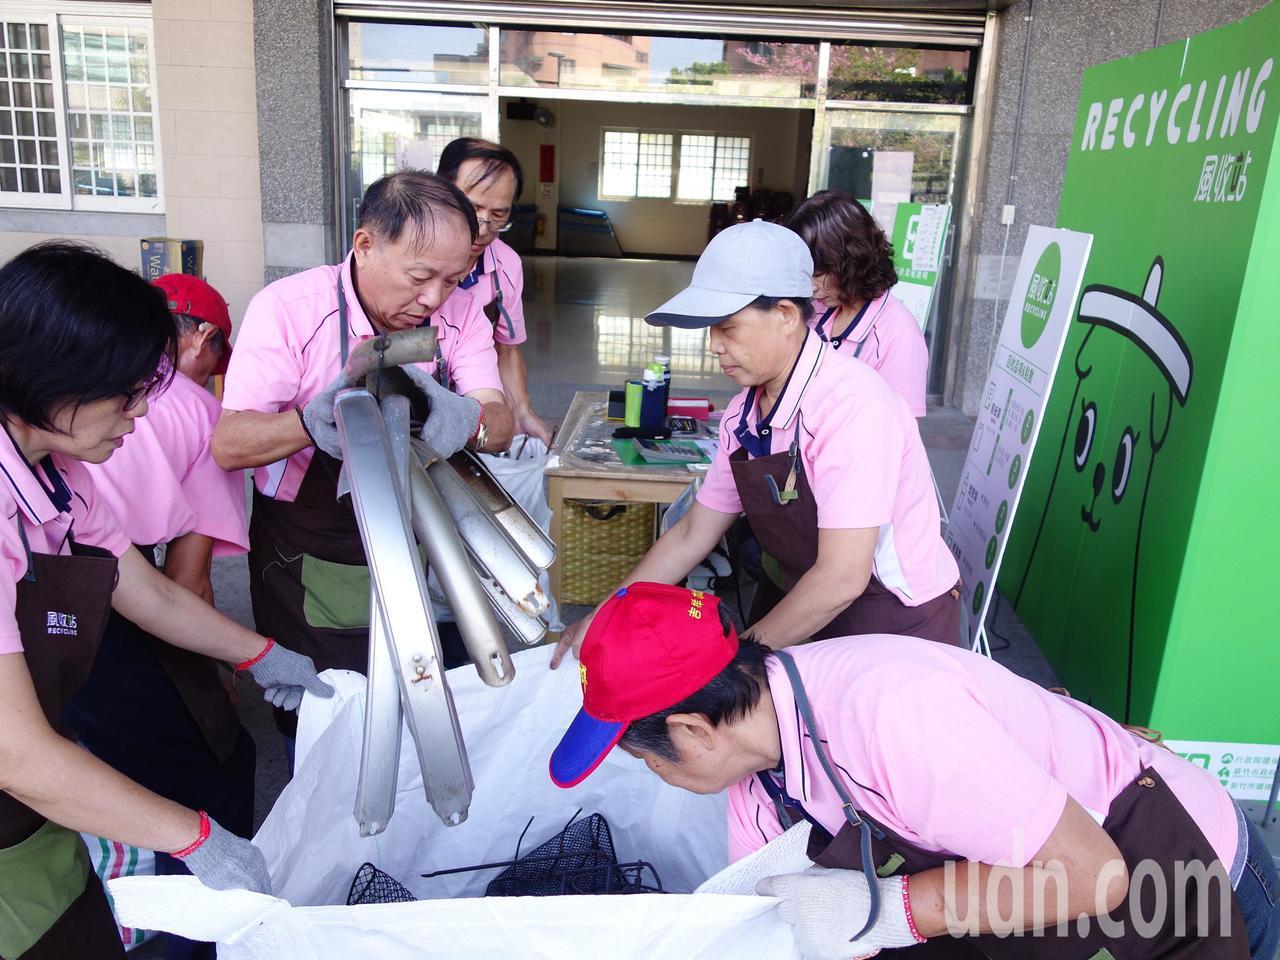 新竹市中埔里風收站志工隊訓練有素,協助民眾做好資源回收。記者郭政芬/攝影